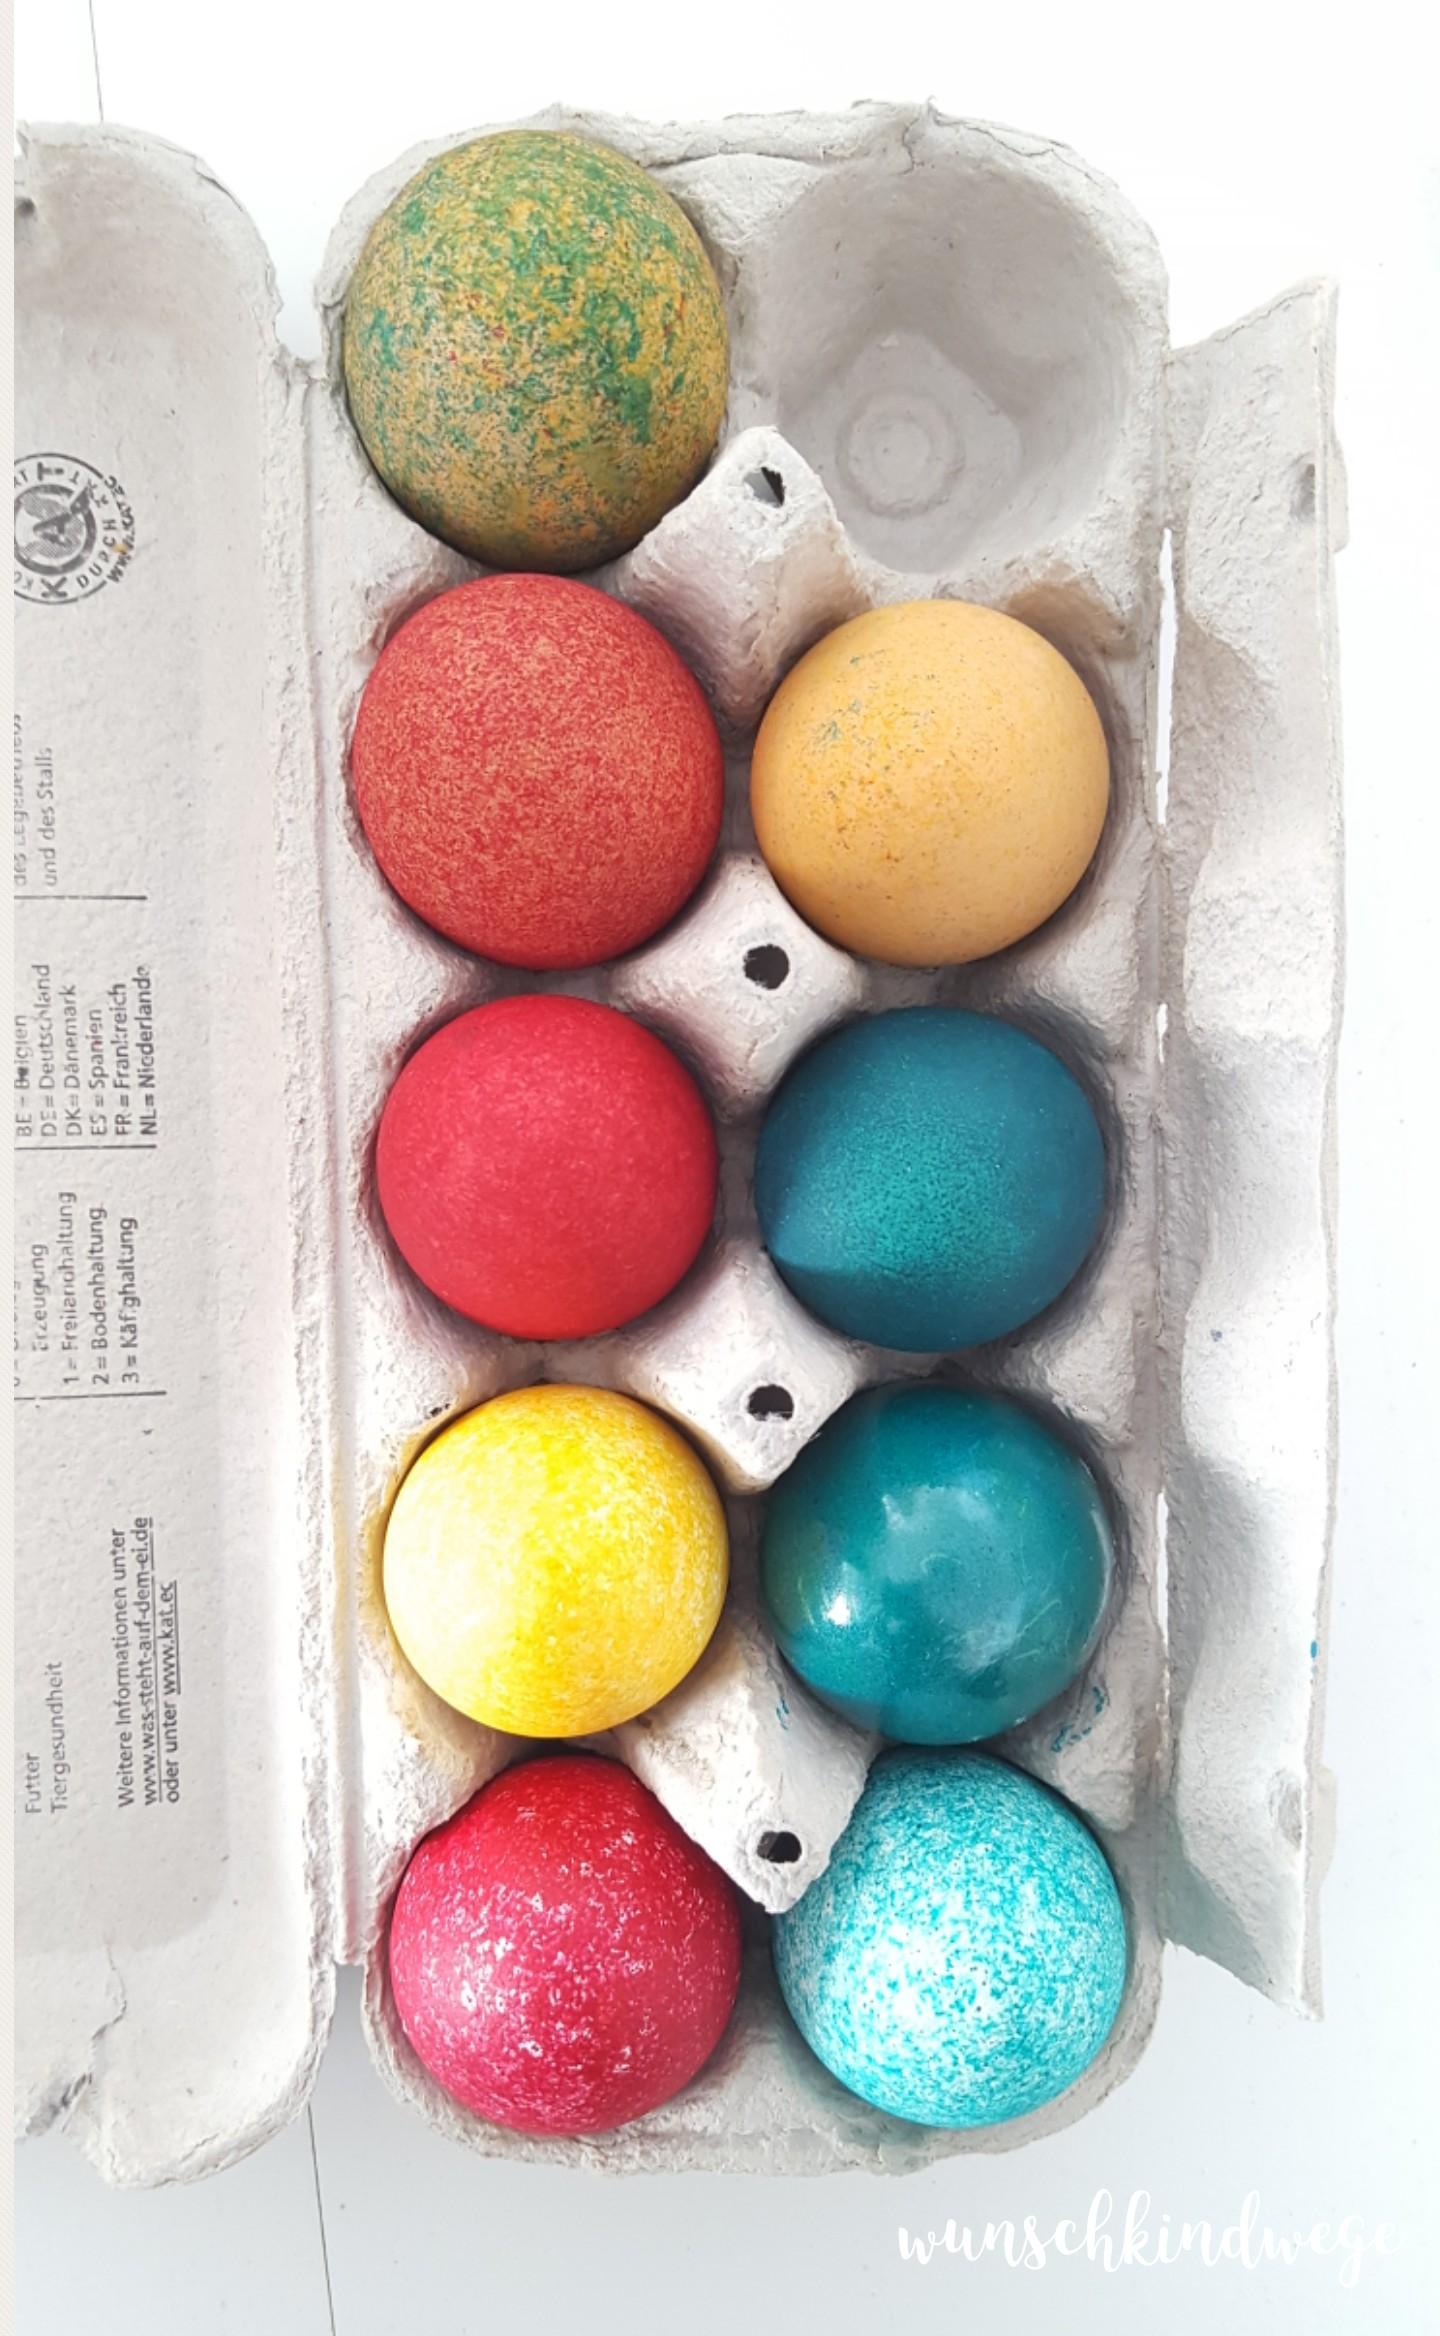 Osterwochenende in Bildern: Eier